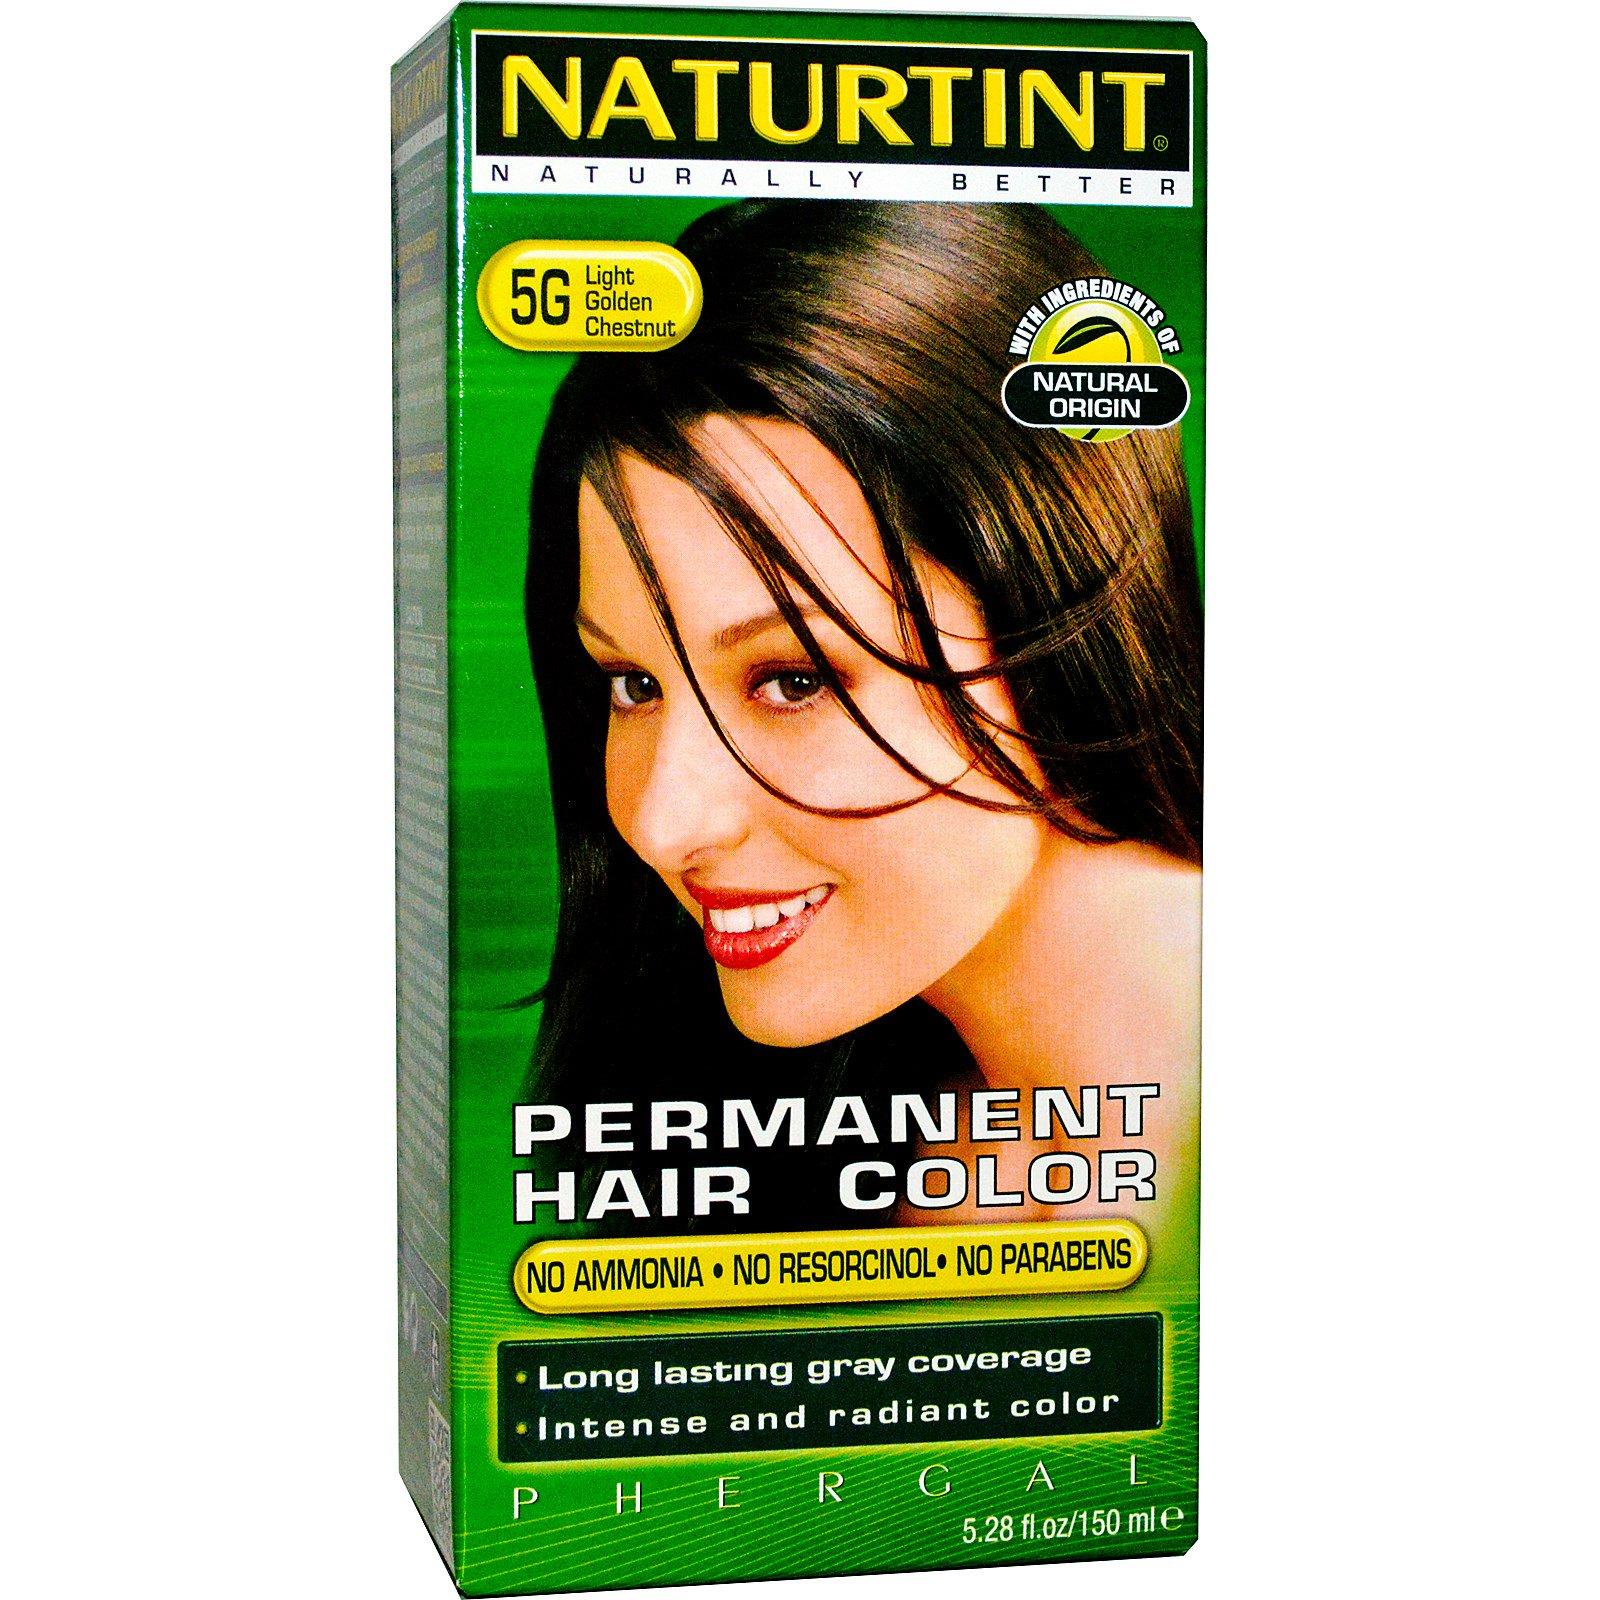 Naturtint, Стойкая краска для волос, 5G светло-золотистый каштановый, 5.28 жидких унций (150 мл)